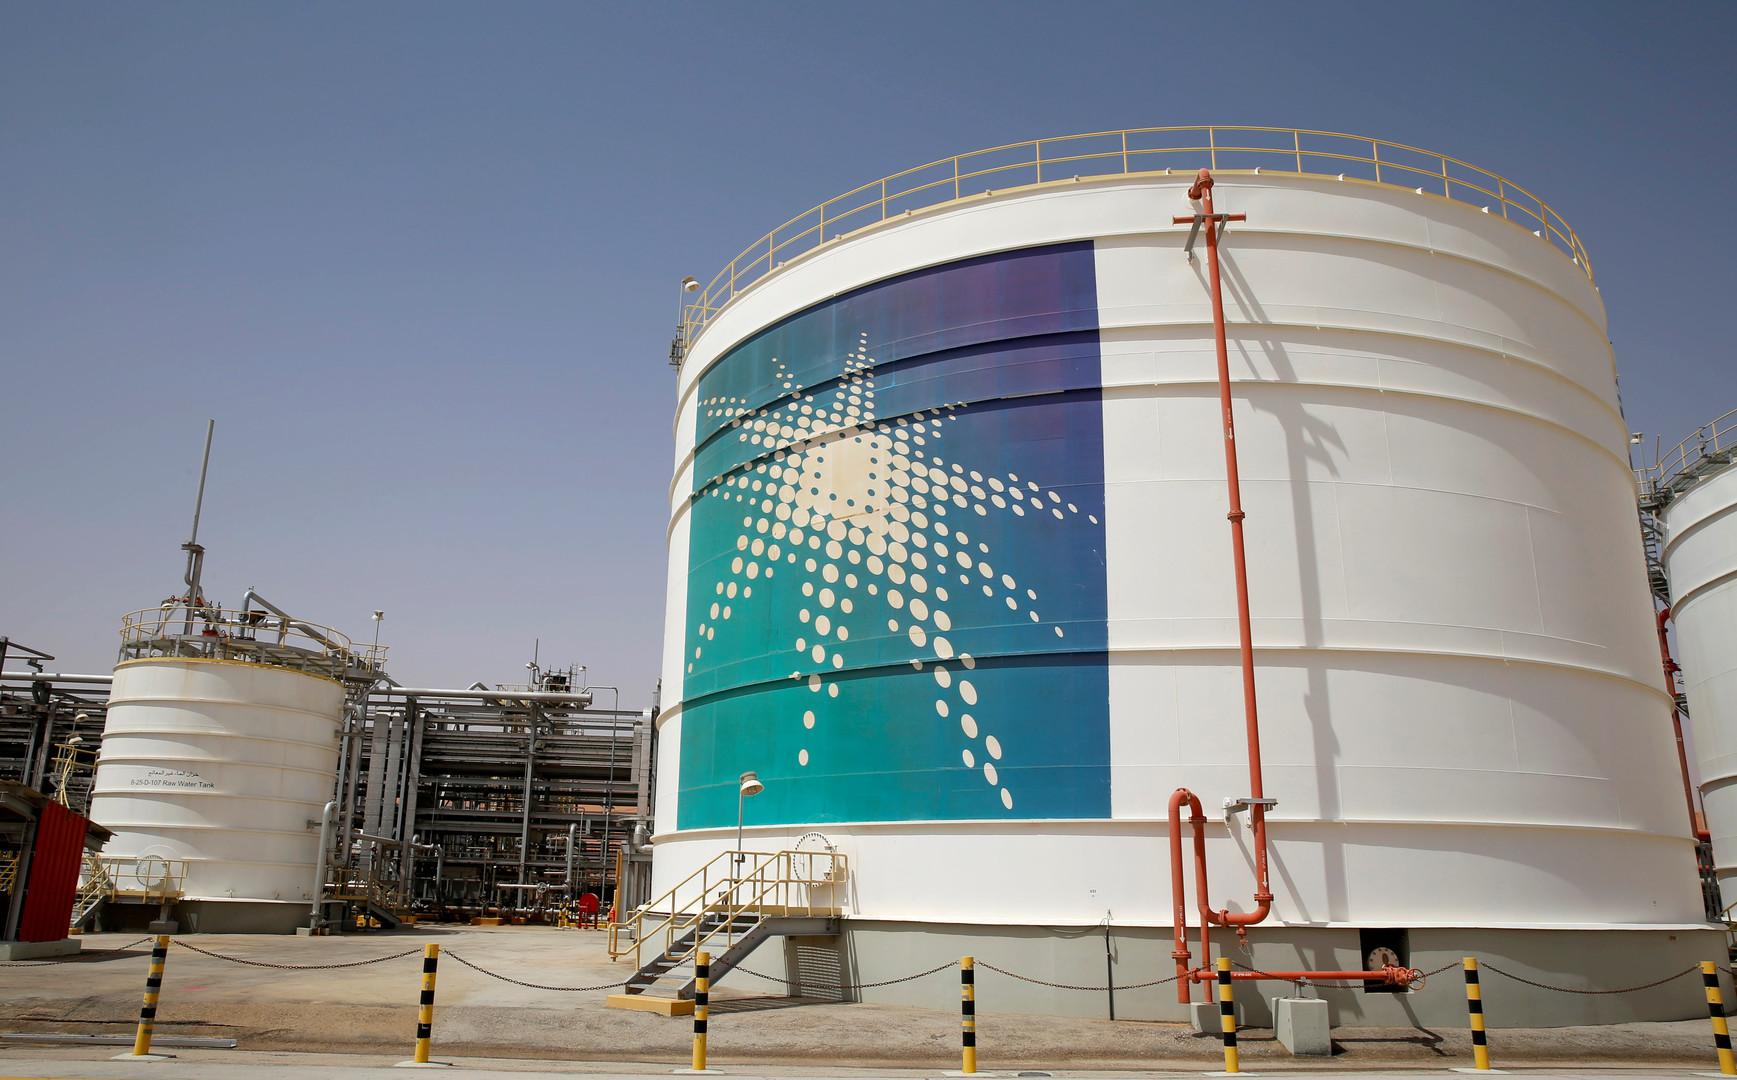 السعودية توقف ضخ النفط في خط أنابيب رئيسي بسبب هجوم إرهابي